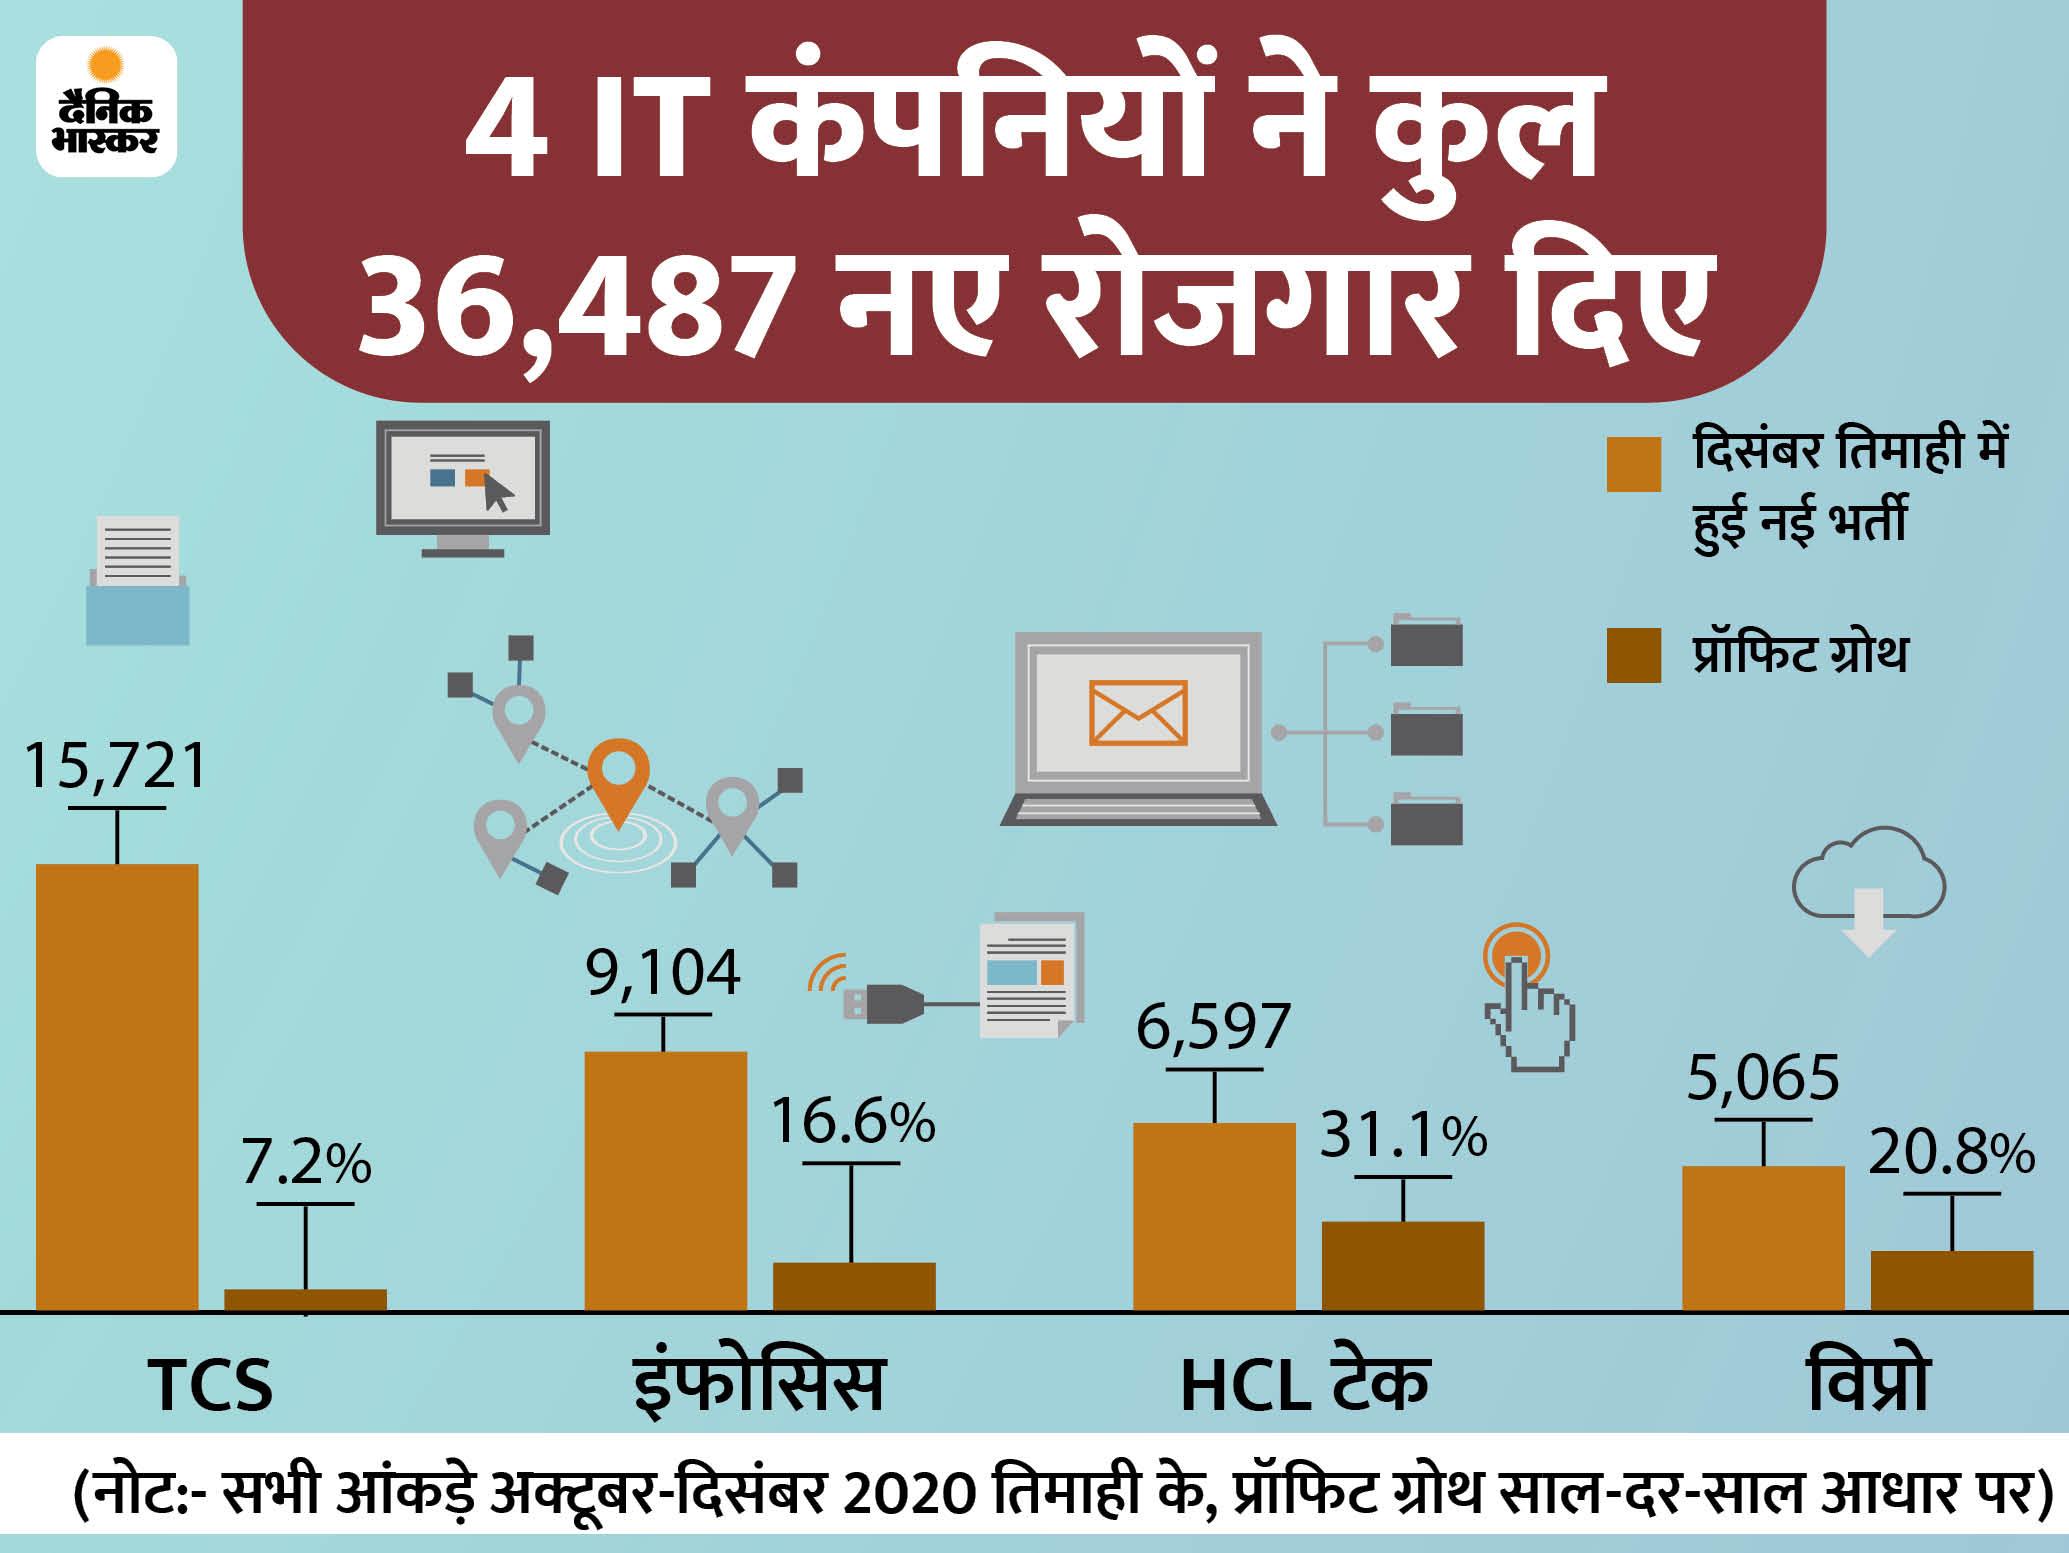 2021-22 में 9% तक रह सकता है IT सेक्टर का रेवेन्यू ग्रोथ, कर्मचारियों की बढ़ेगी डिमांड|बिजनेस,Business - Dainik Bhaskar